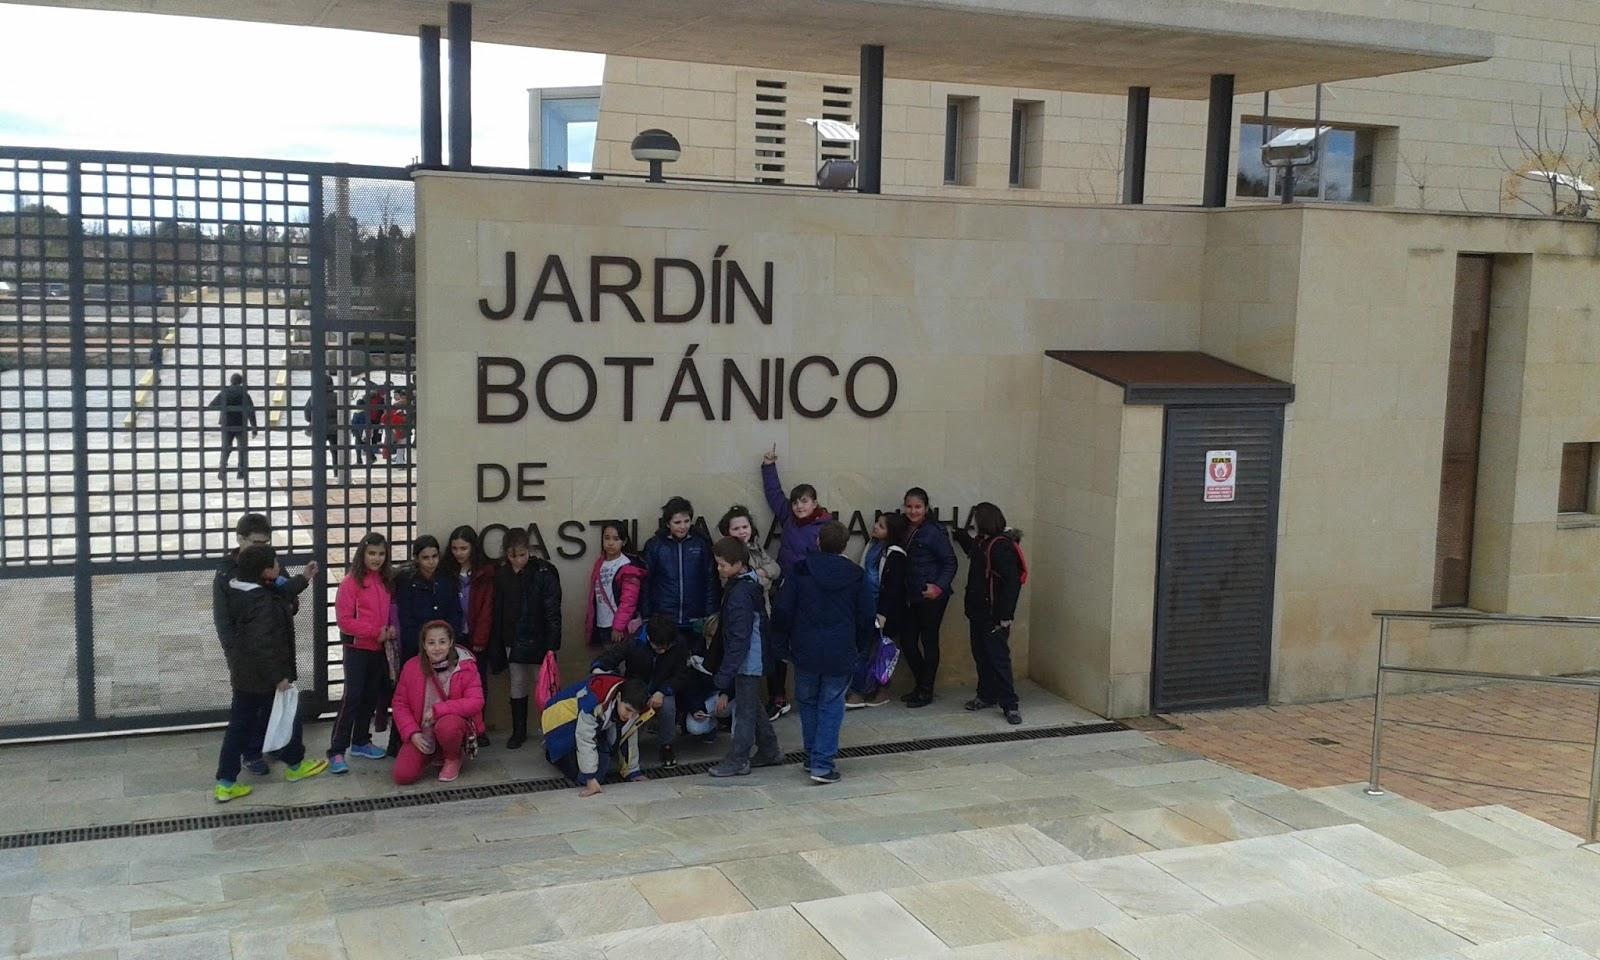 Mi cole carlos v albacete actividad conoce tu ciudad for Jardin botanico albacete